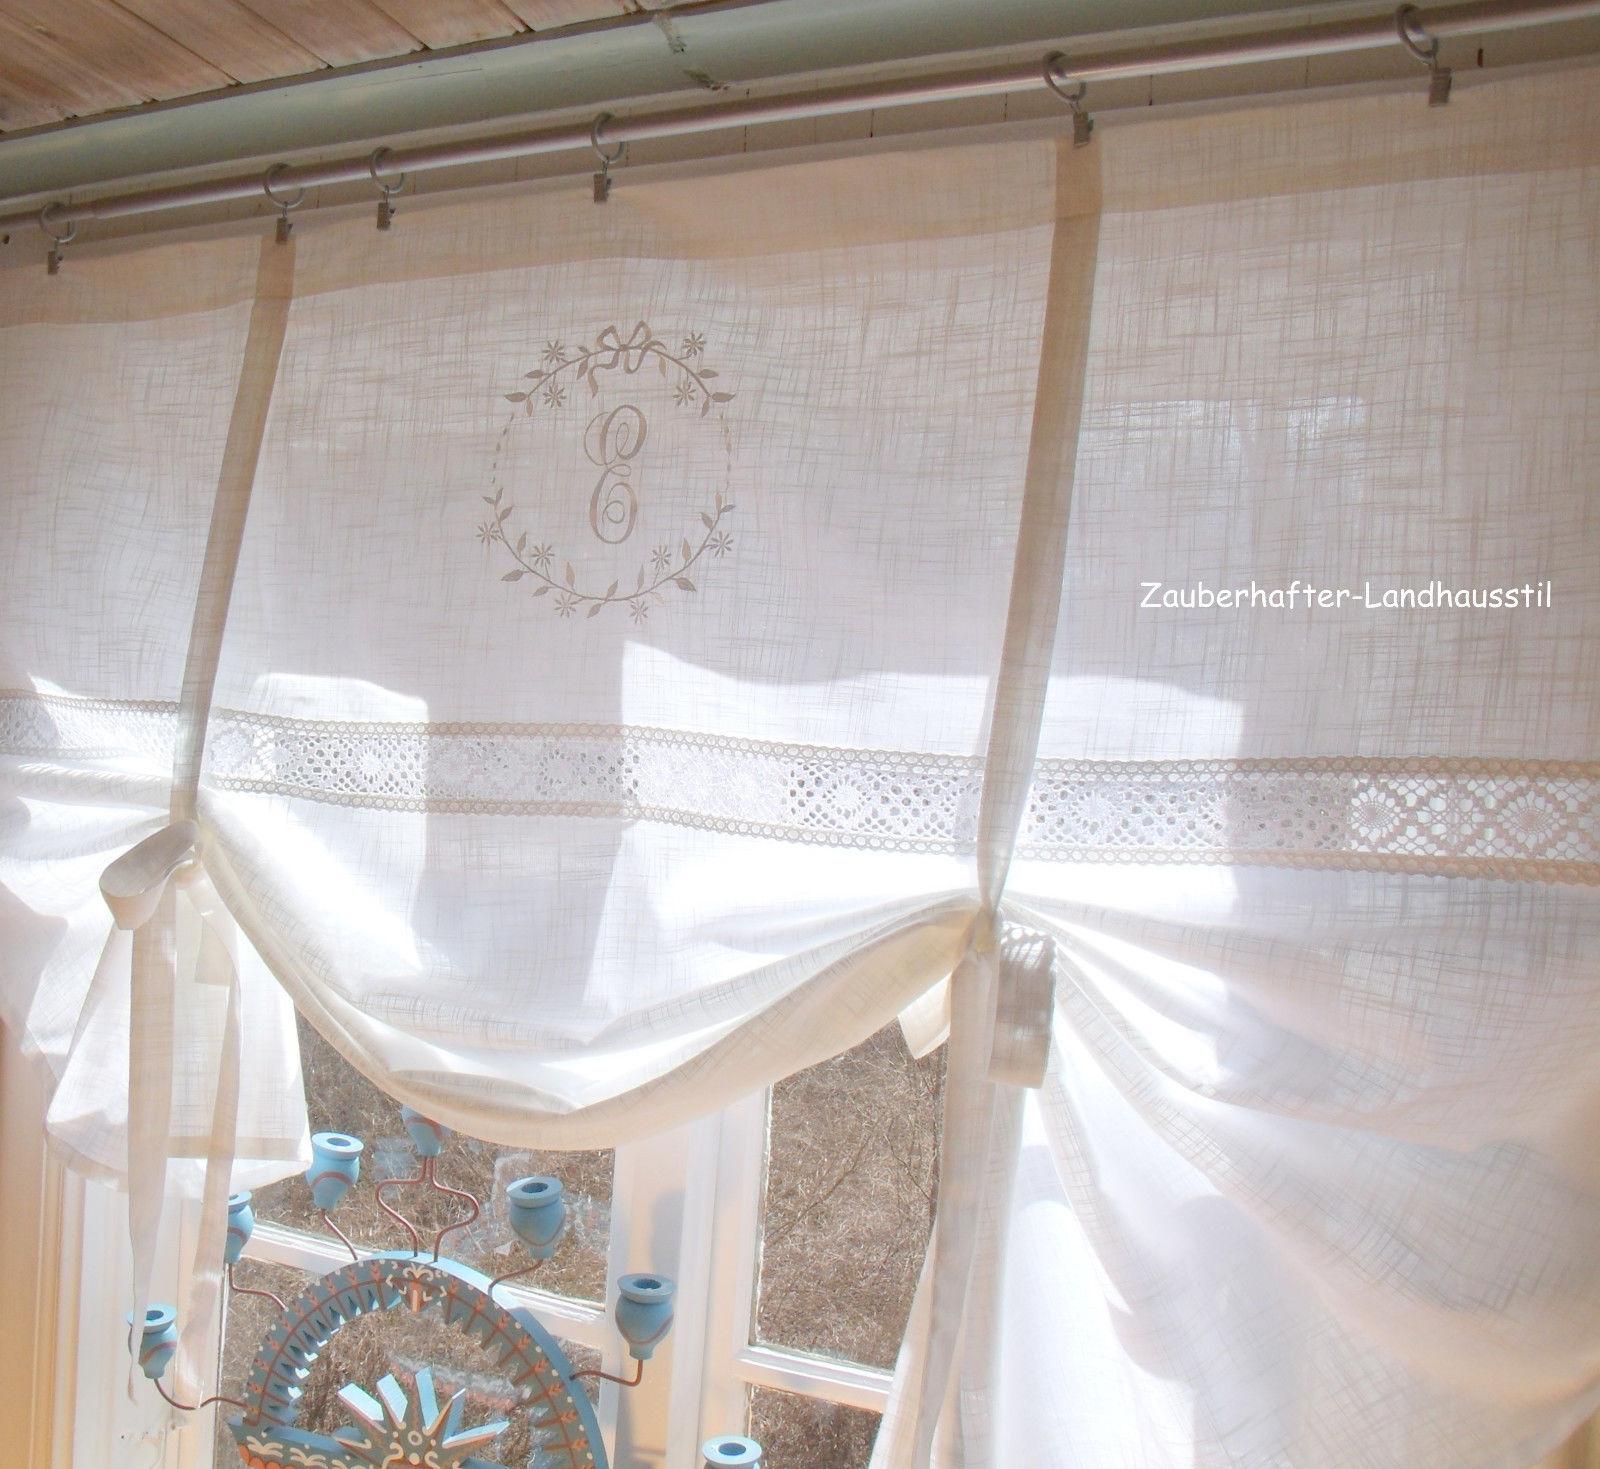 Gardinen franz sischer landhausstil beatrice vorhang for Scheibengardine schlafzimmer